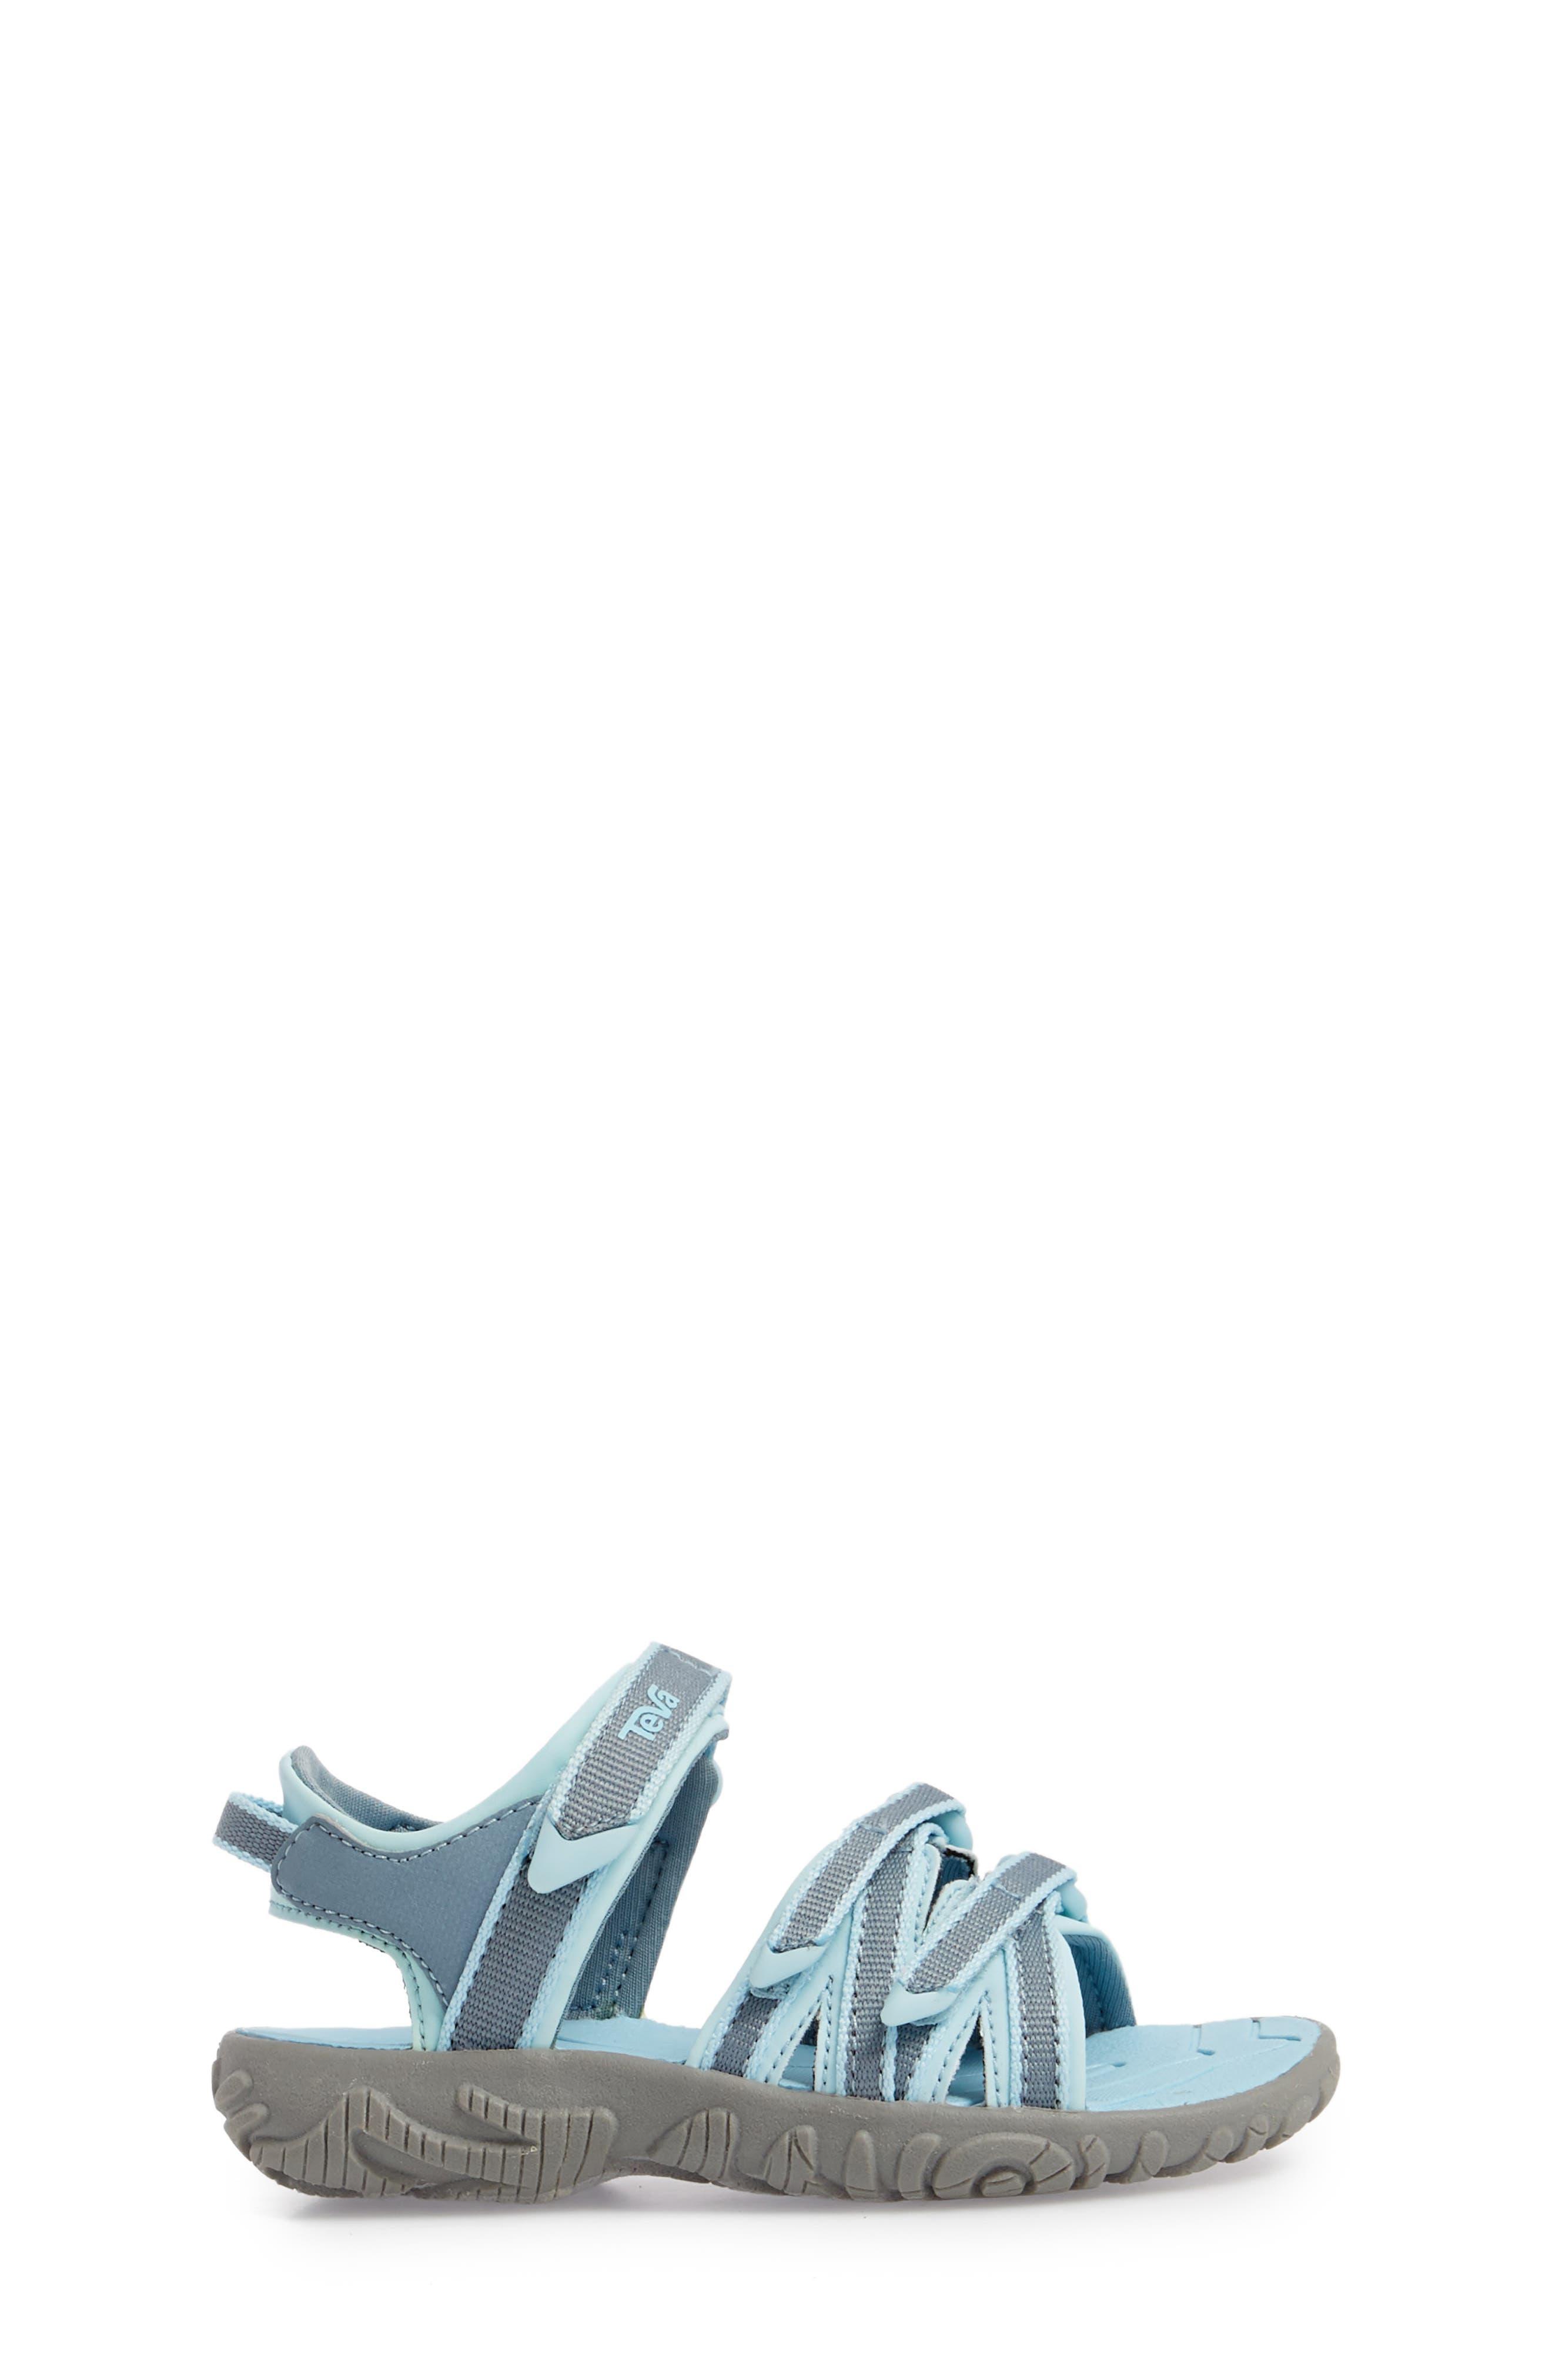 Tirra Sport Sandal,                             Alternate thumbnail 3, color,                             456